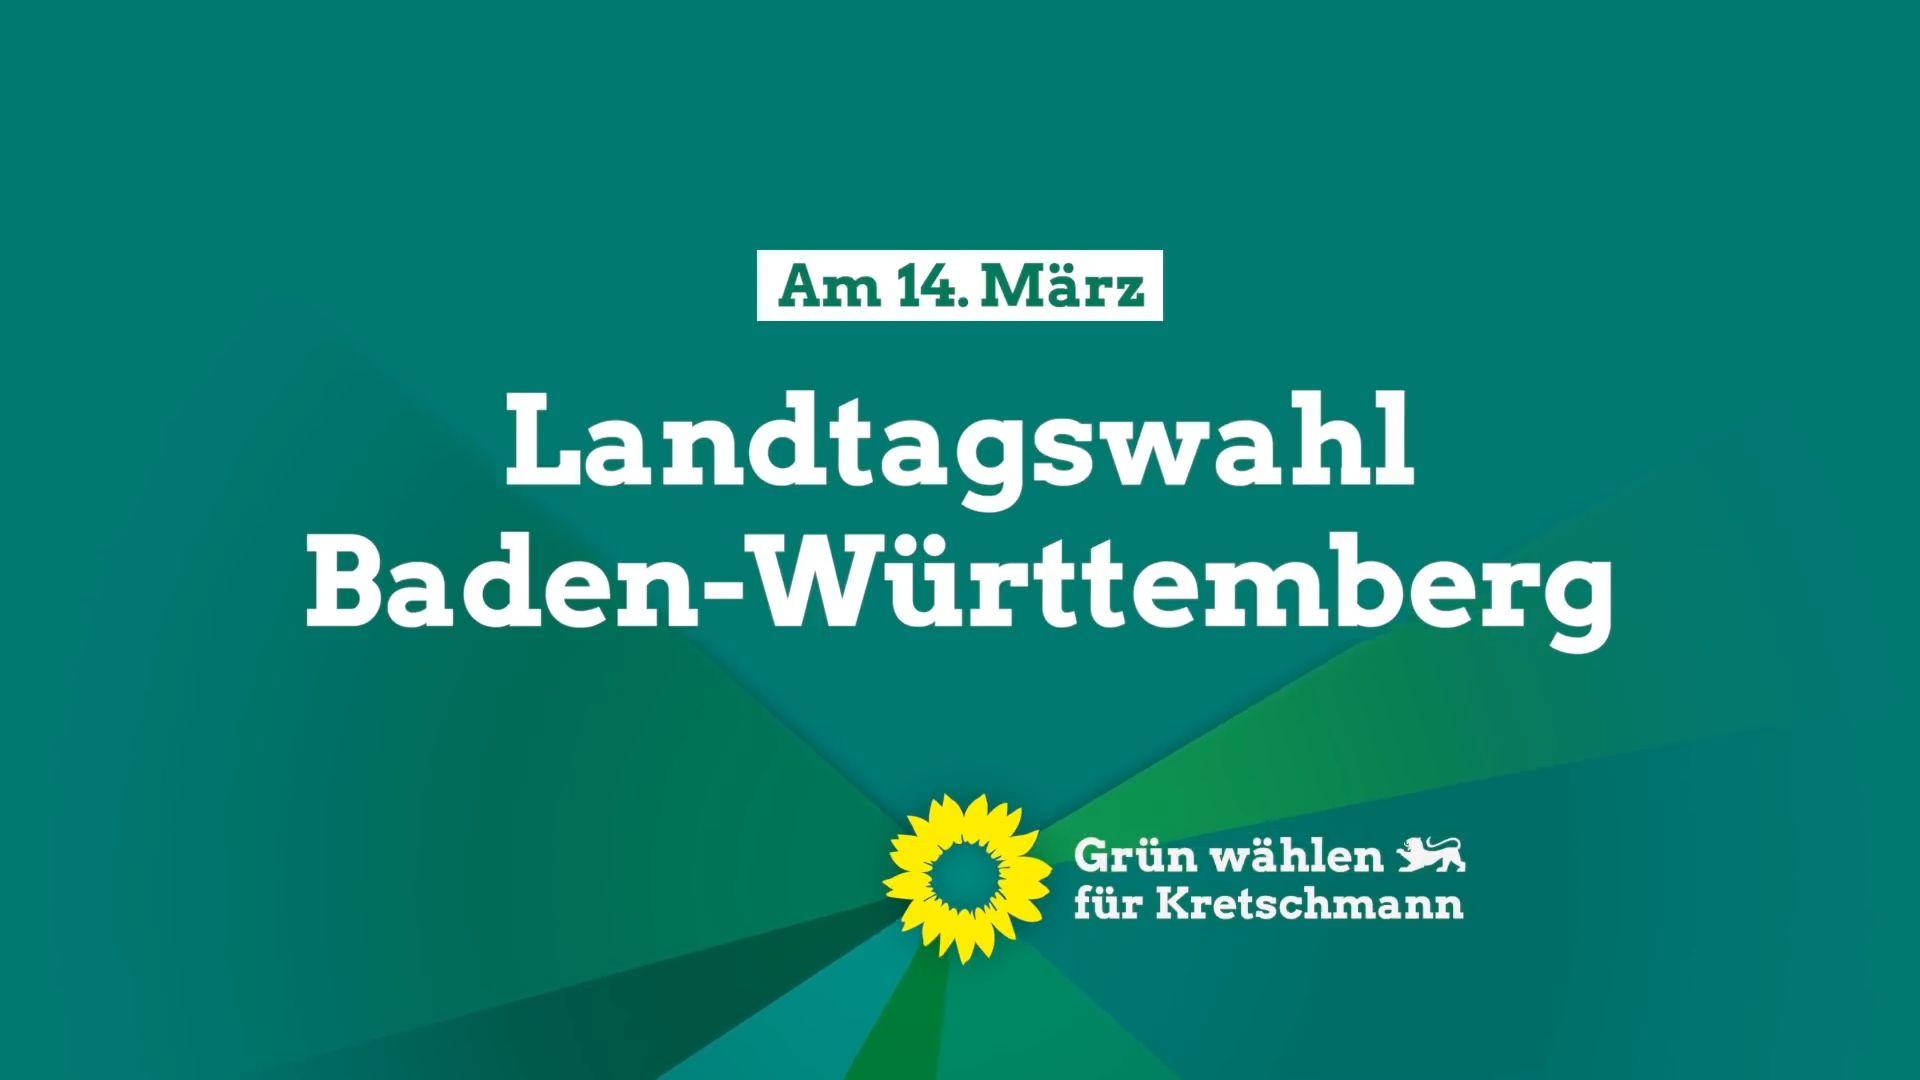 TV-Spot zur Landtagswahl 2021